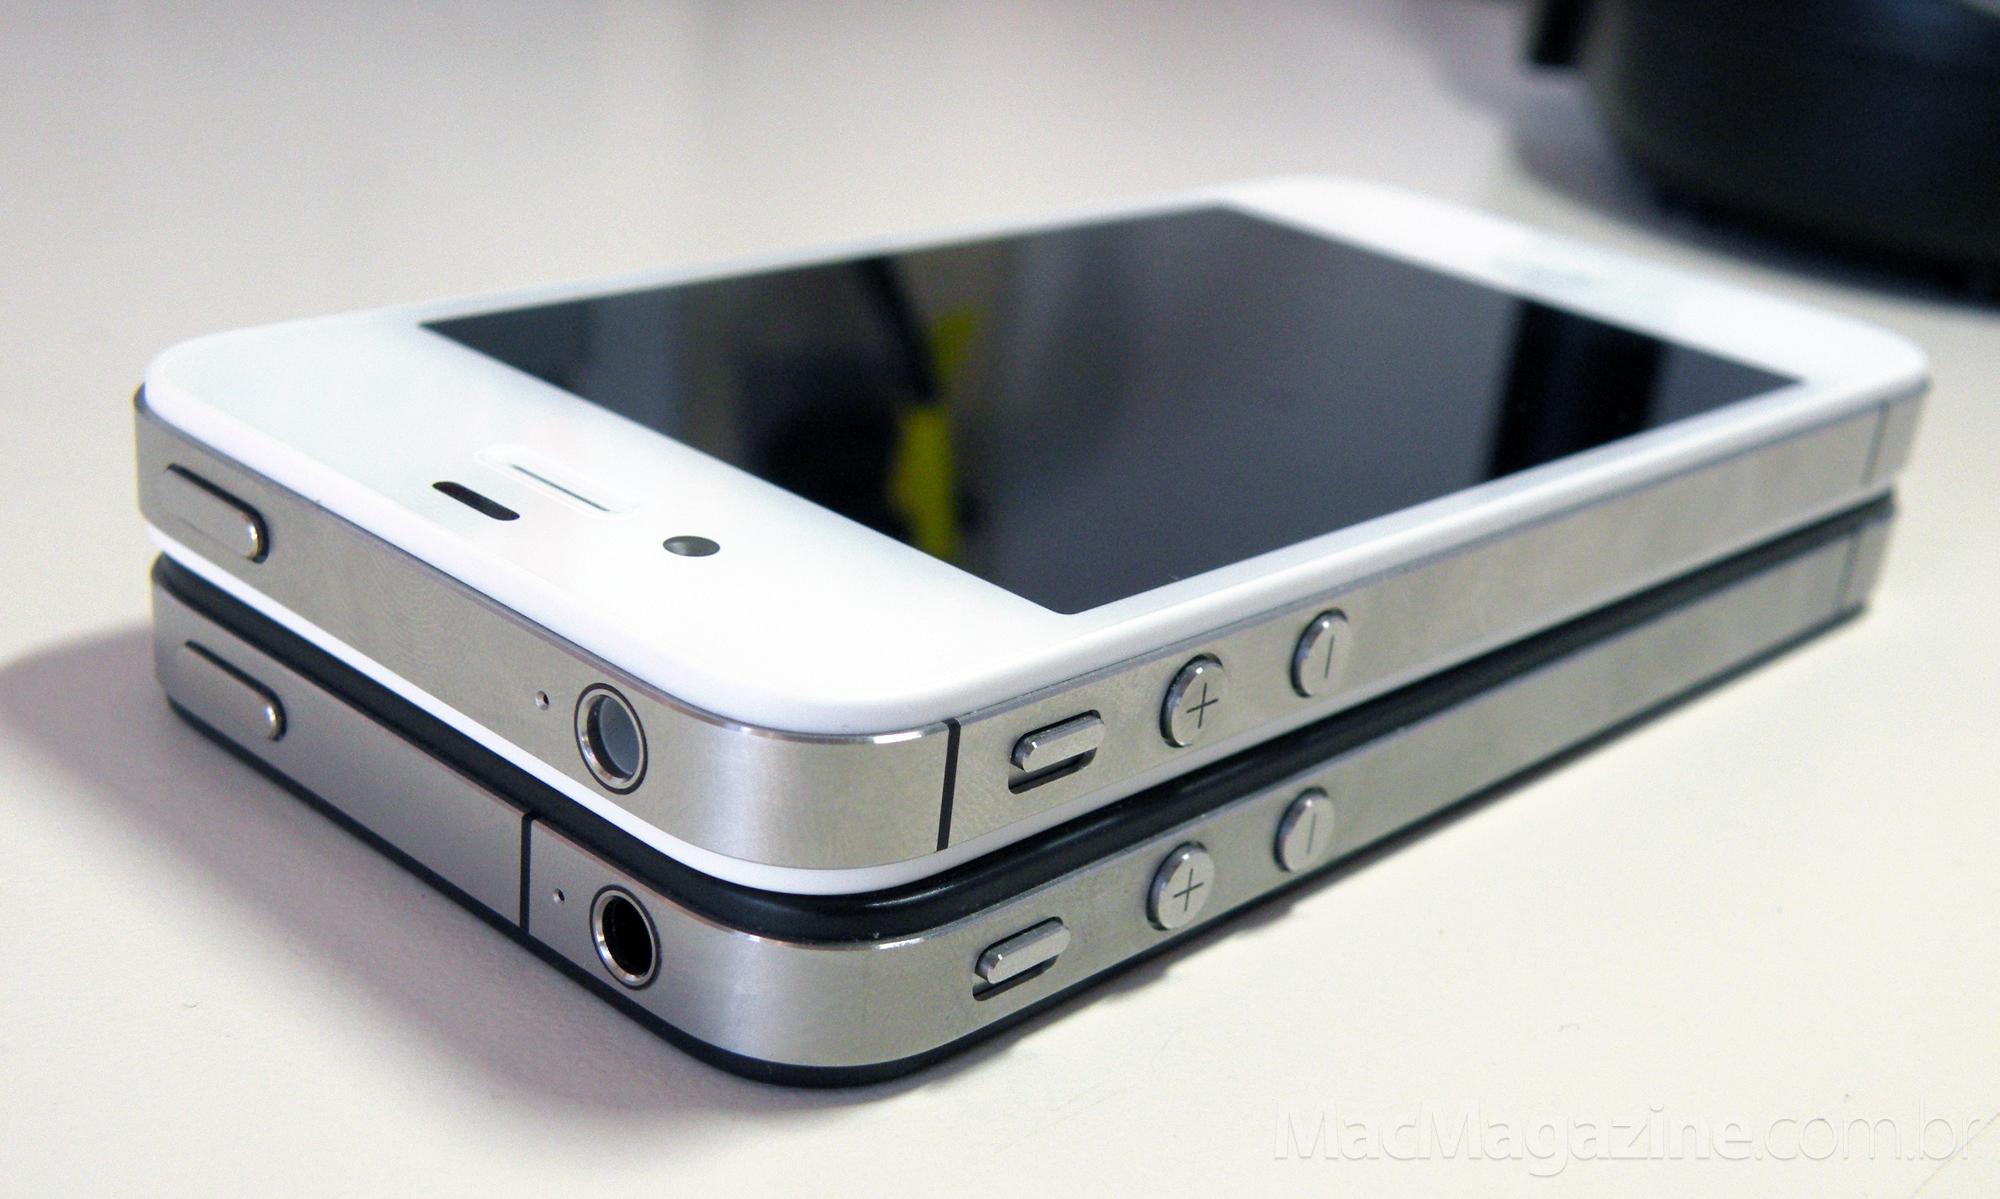 iPhone 4S - MacMagazine